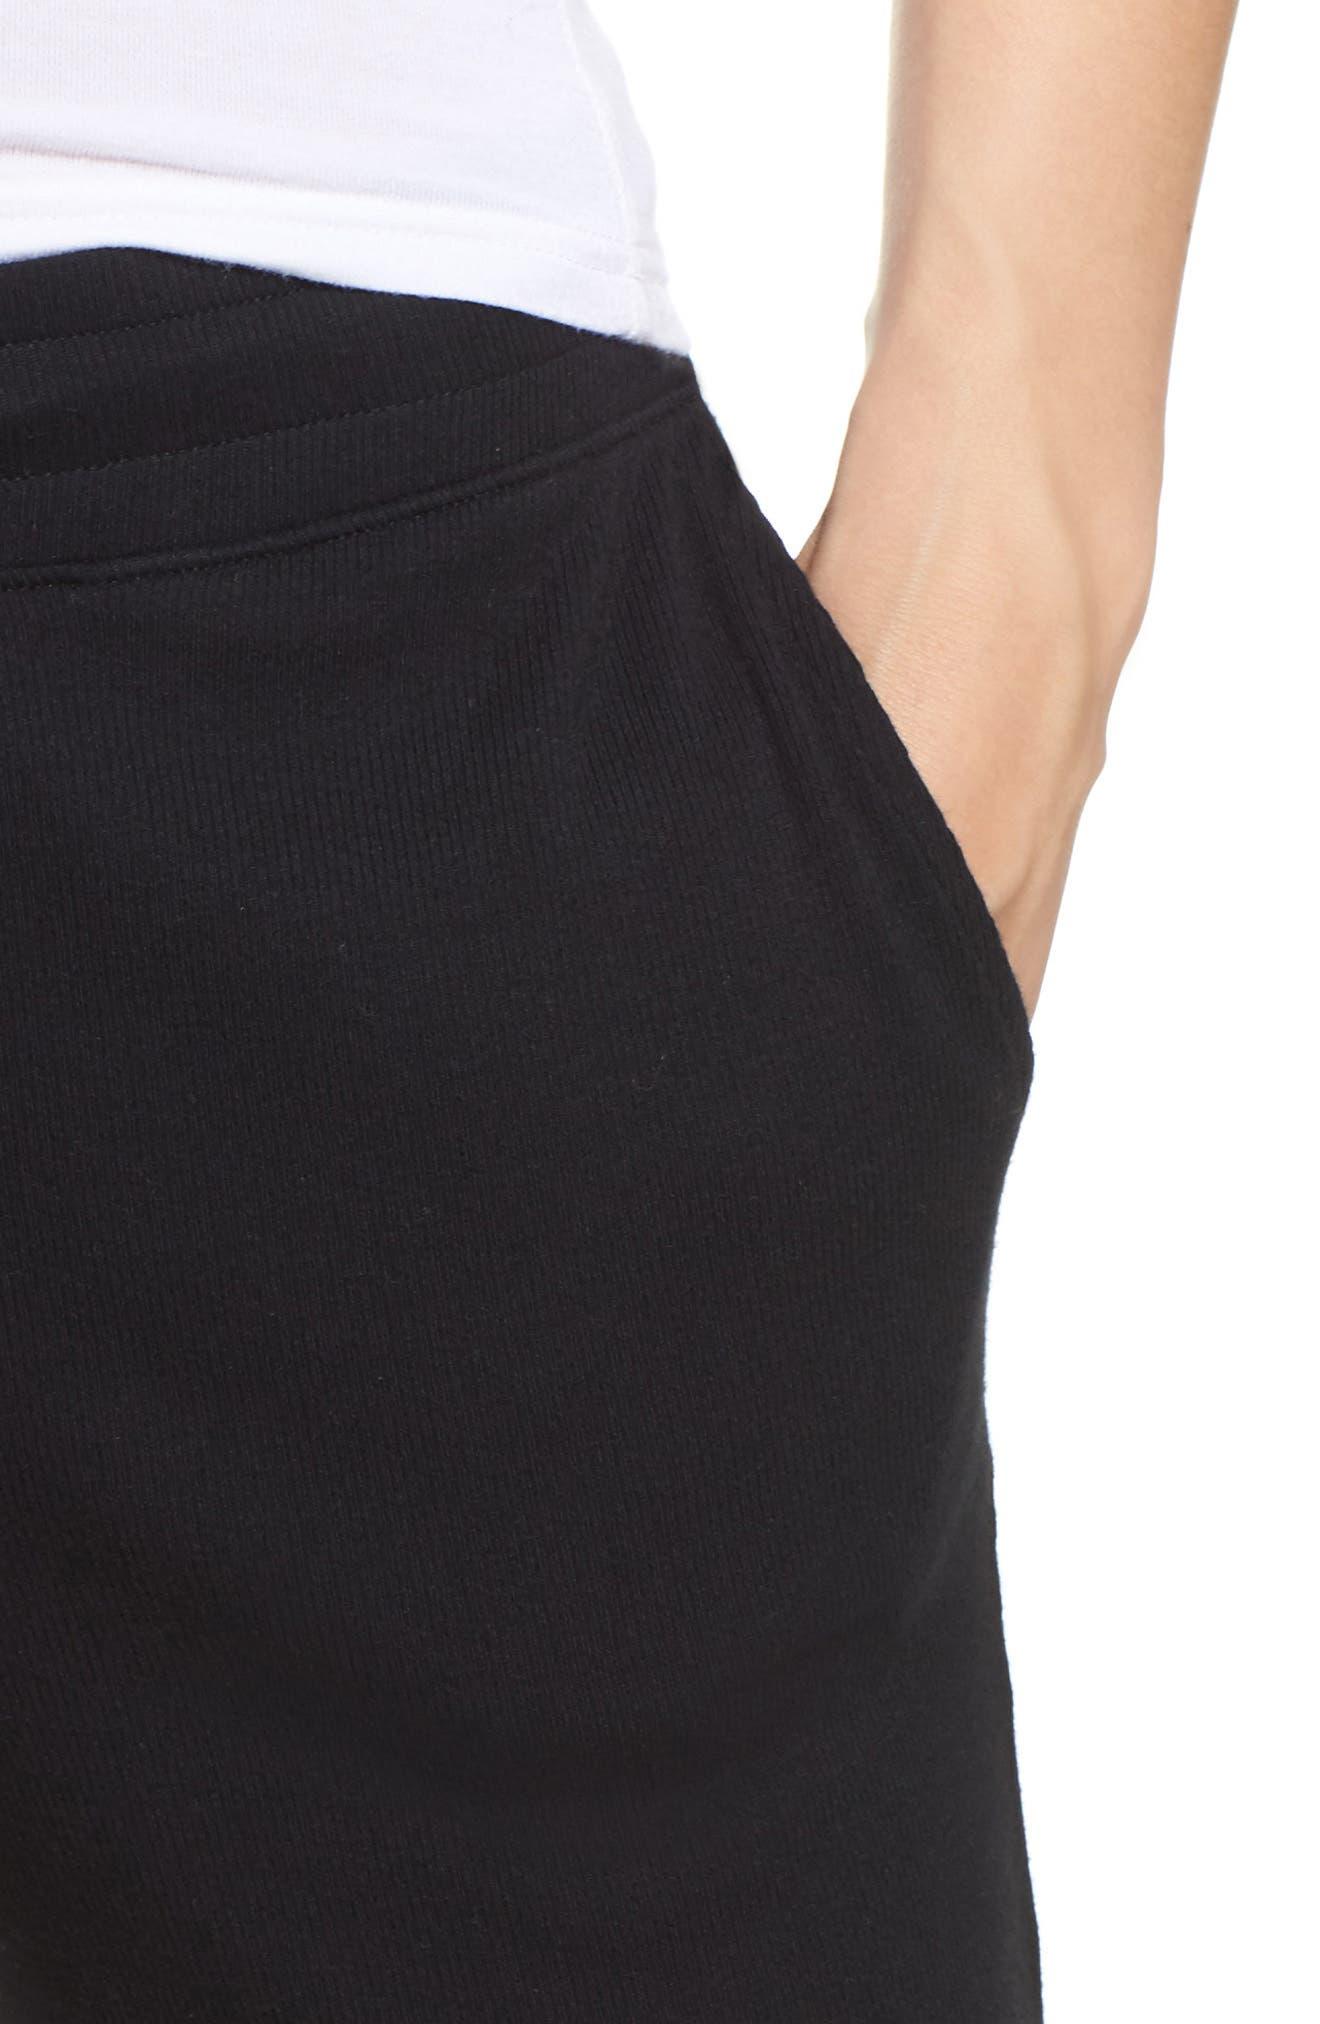 Carmin Crop Lounge Pants,                             Alternate thumbnail 4, color,                             Black